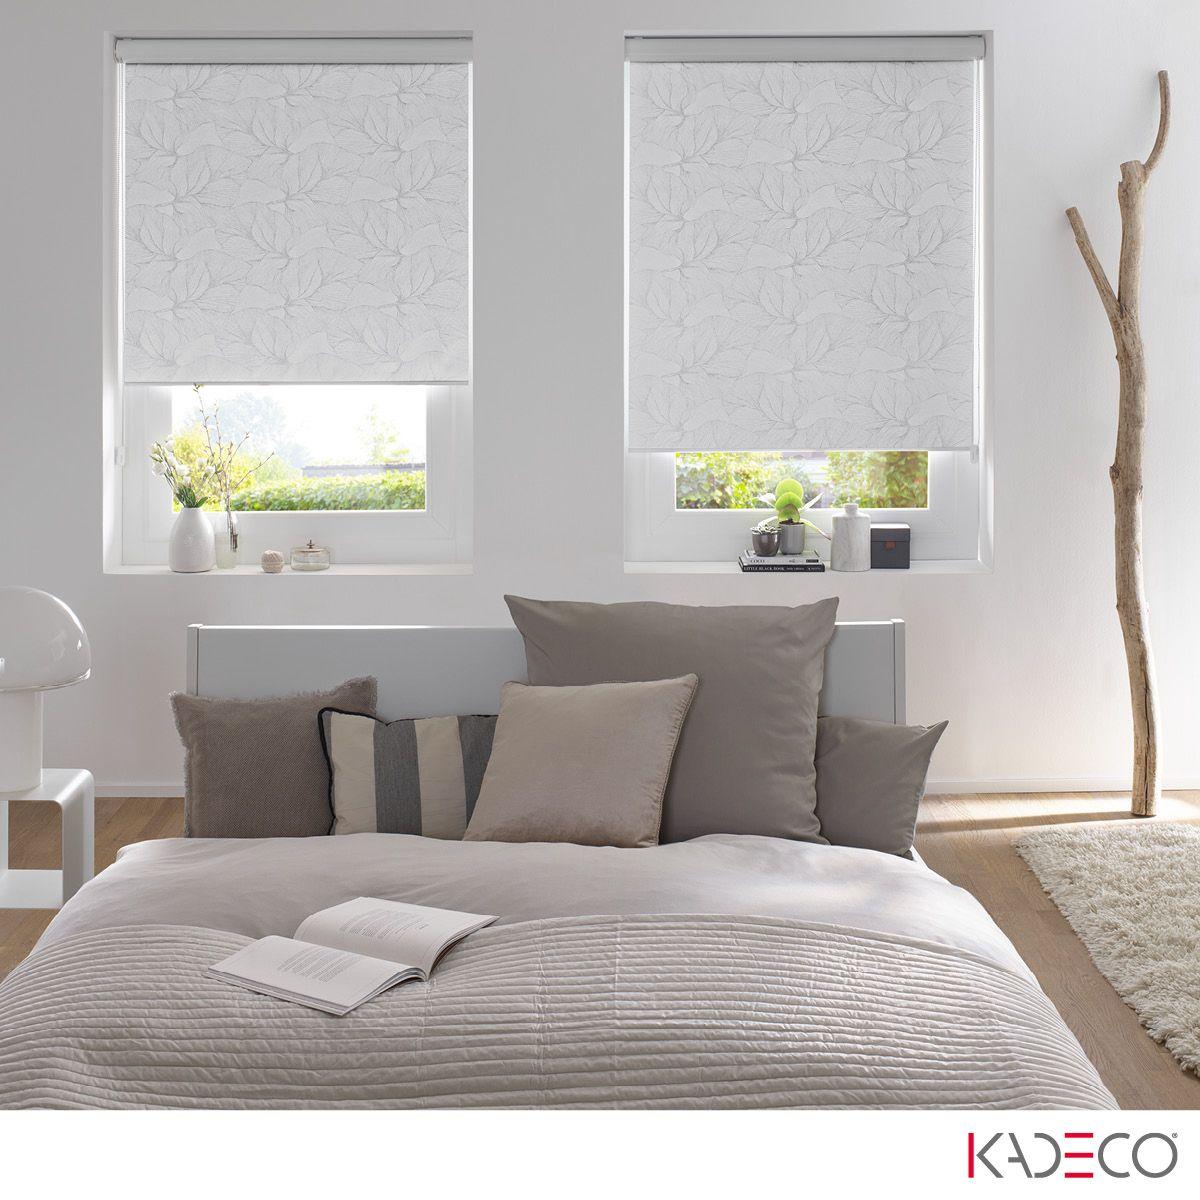 Fensterdekoration 3 Tipps Haus Deko Dekor Fensterdekoration